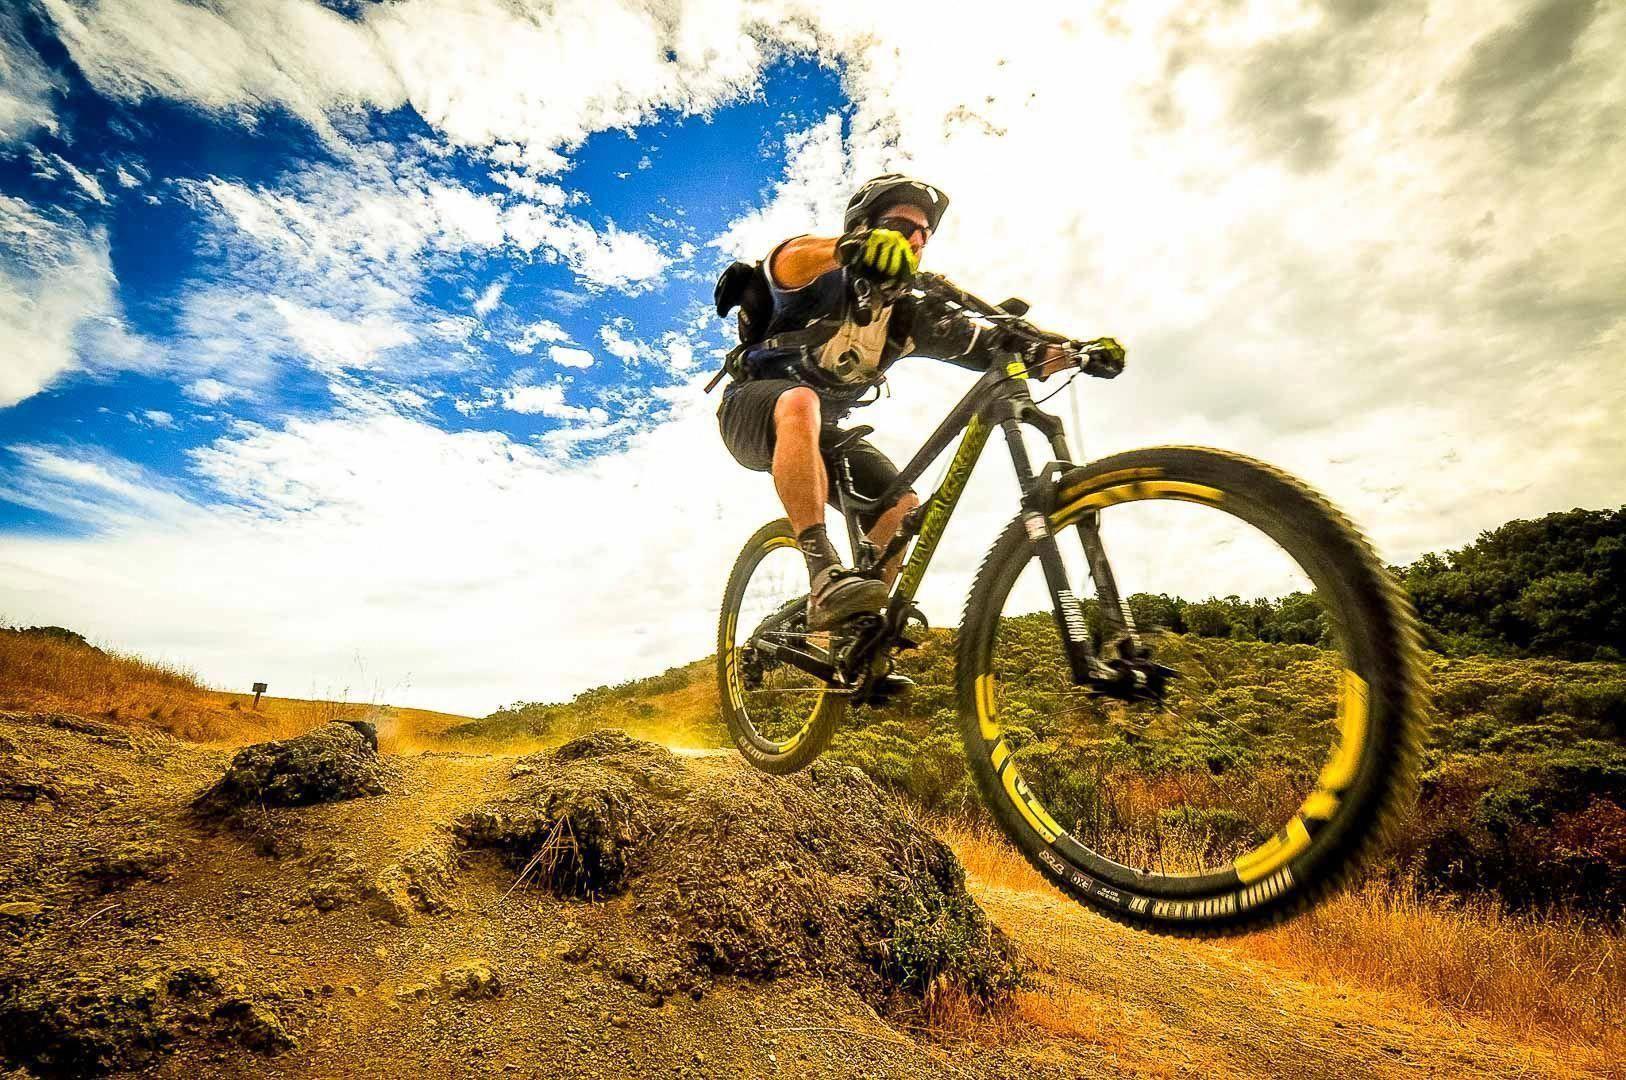 San Francisco Mountain Bike